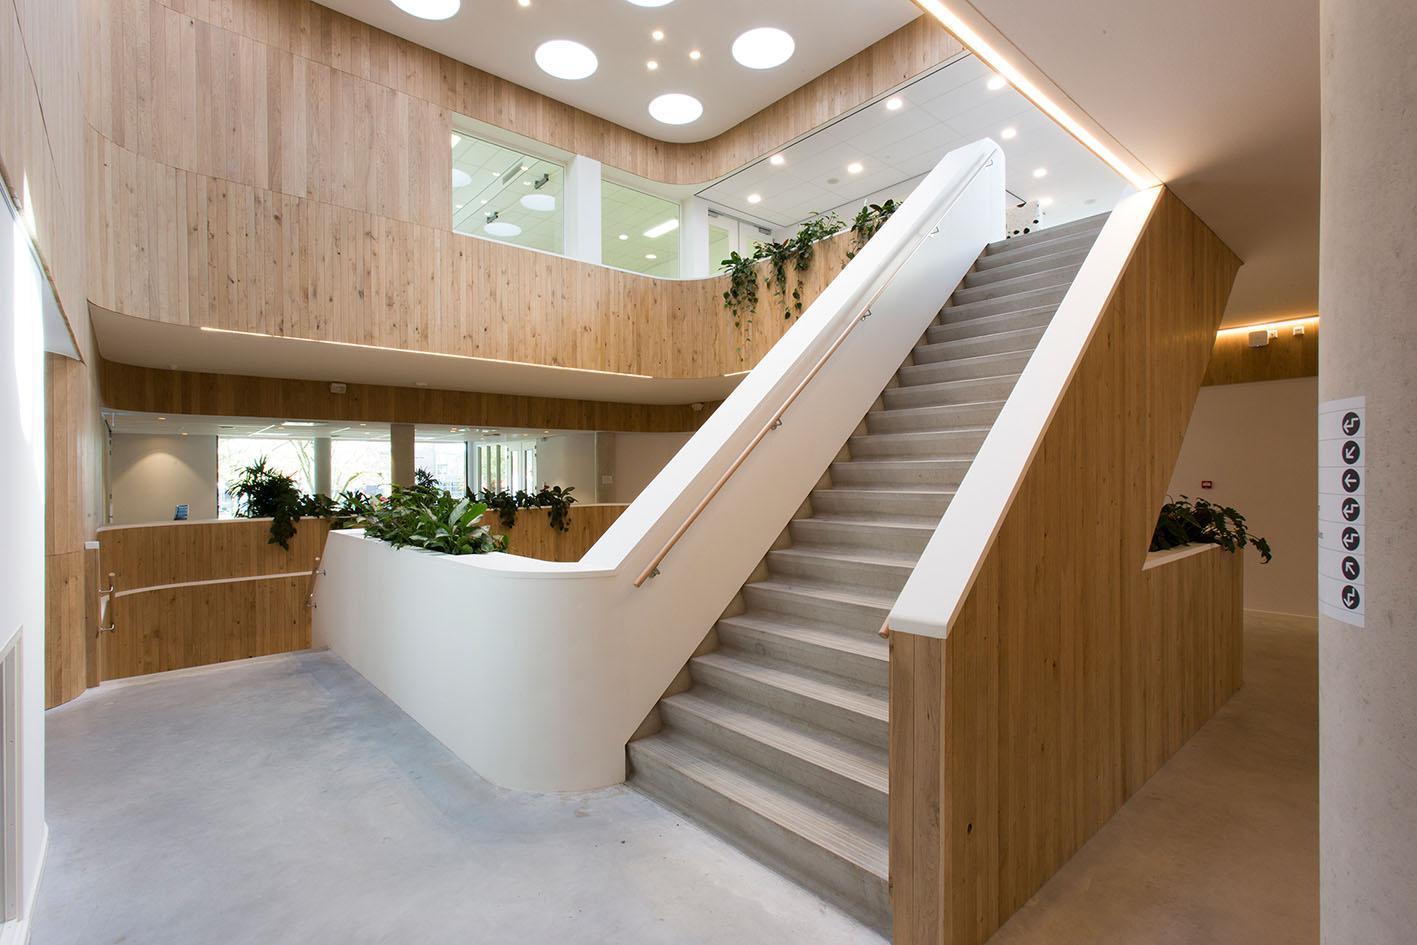 Mfc lumen onix architecten - Lumen centrum ...